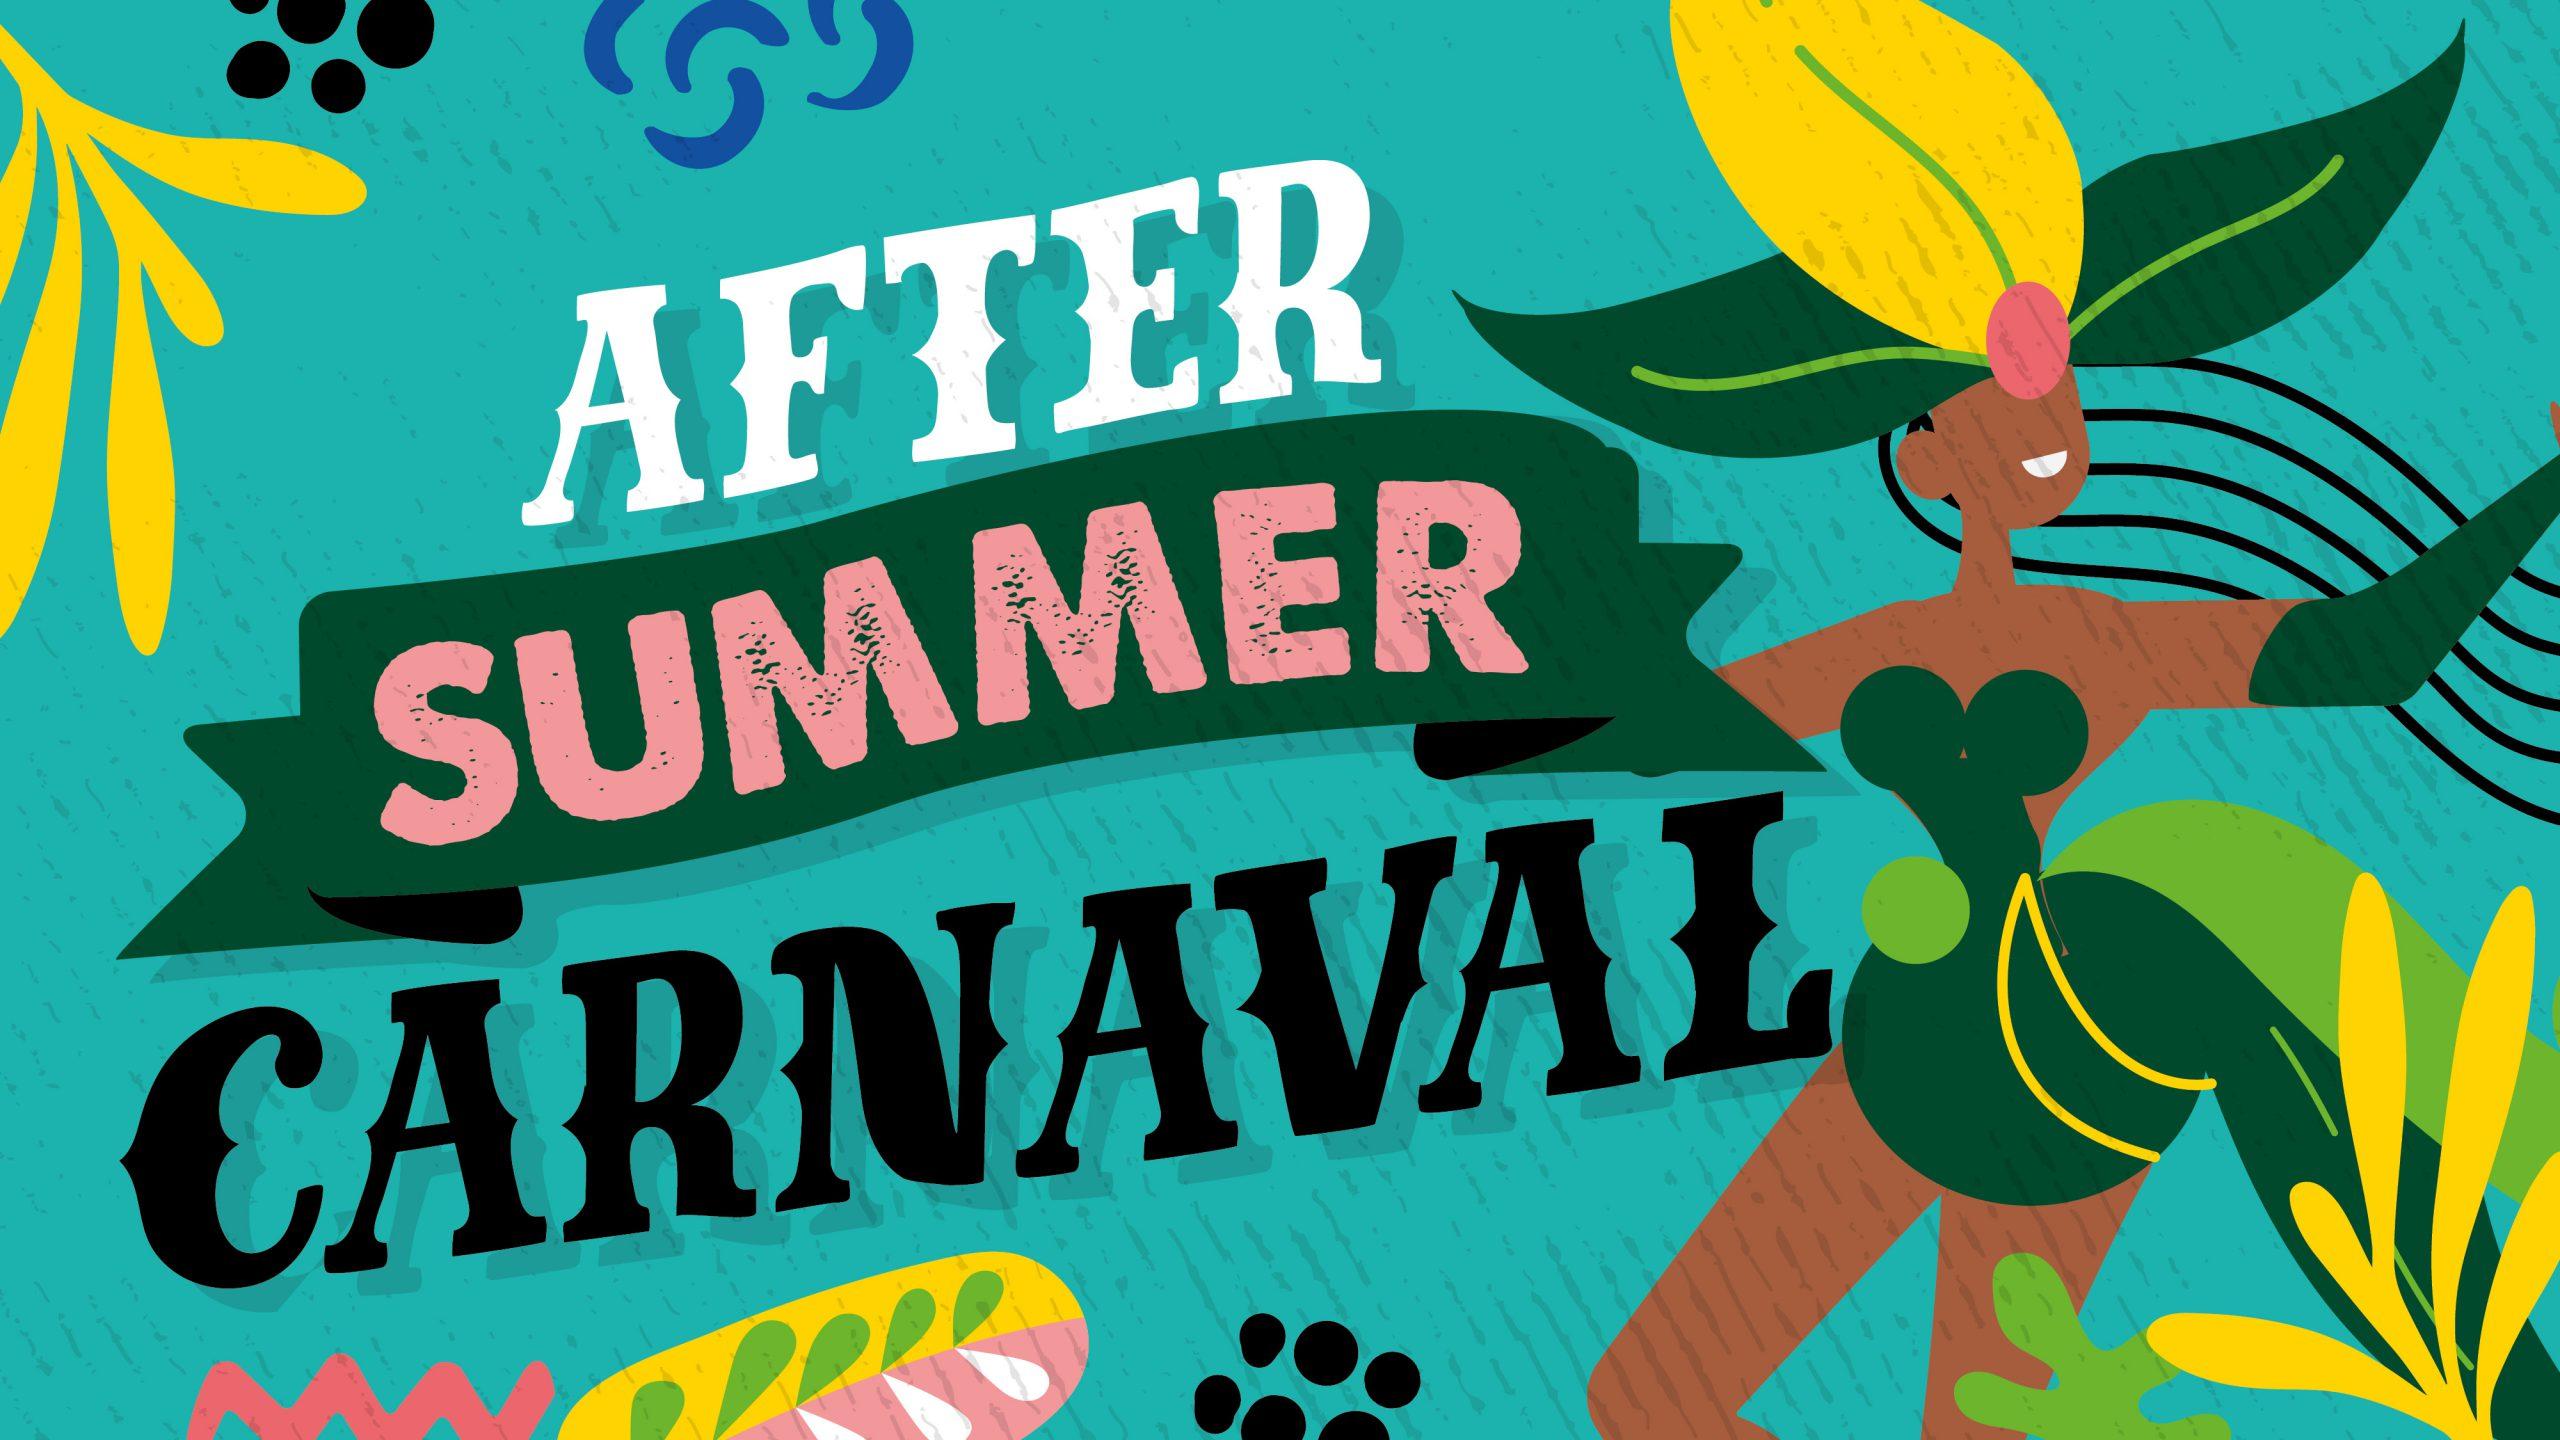 After Summer Carnaval